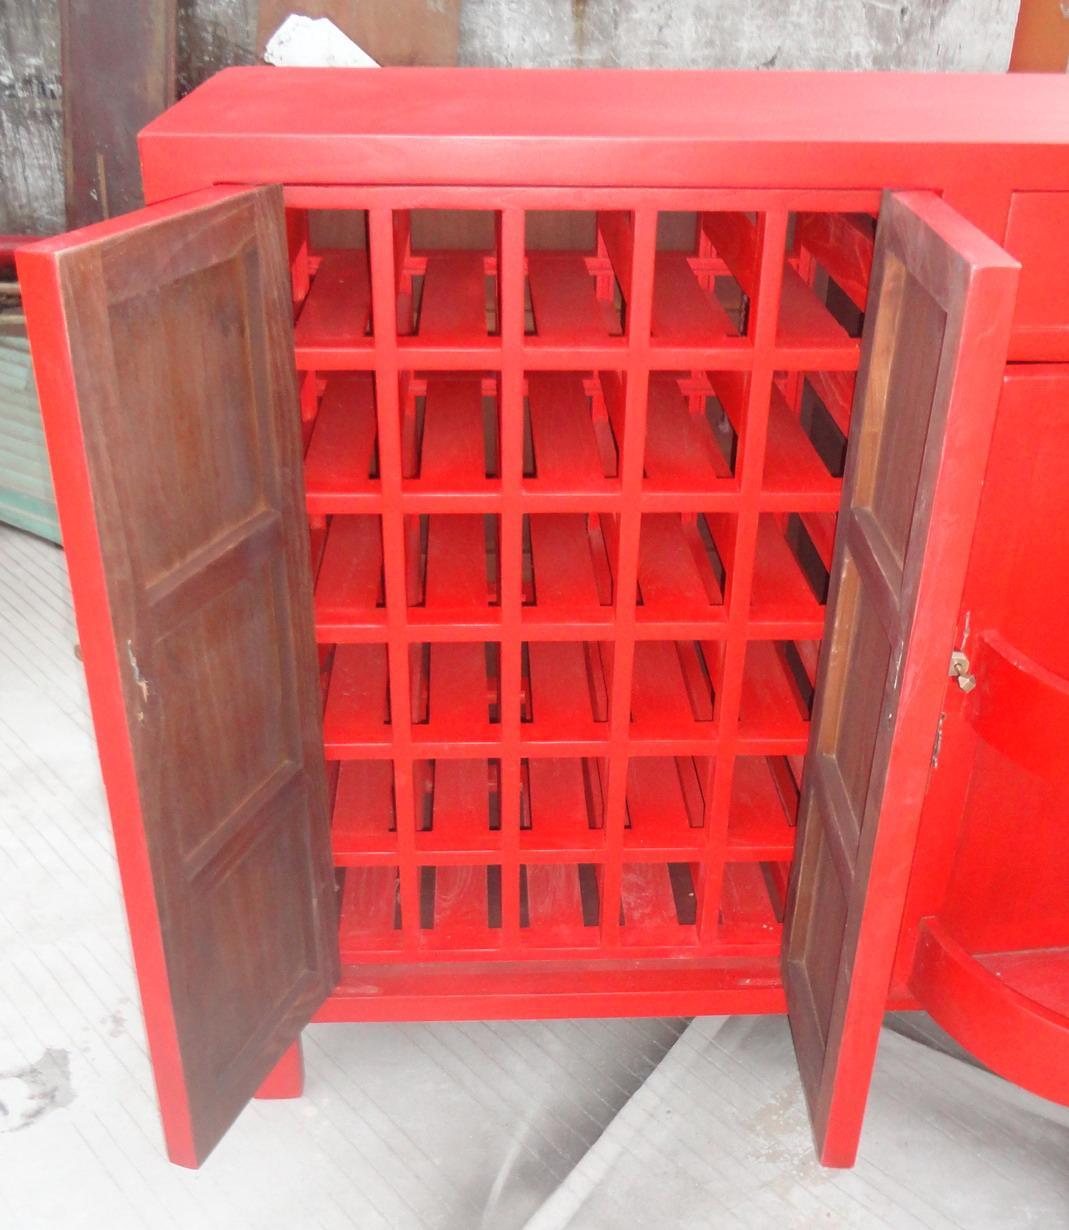 酒柜,含酒架,挂杯架,转动门 2